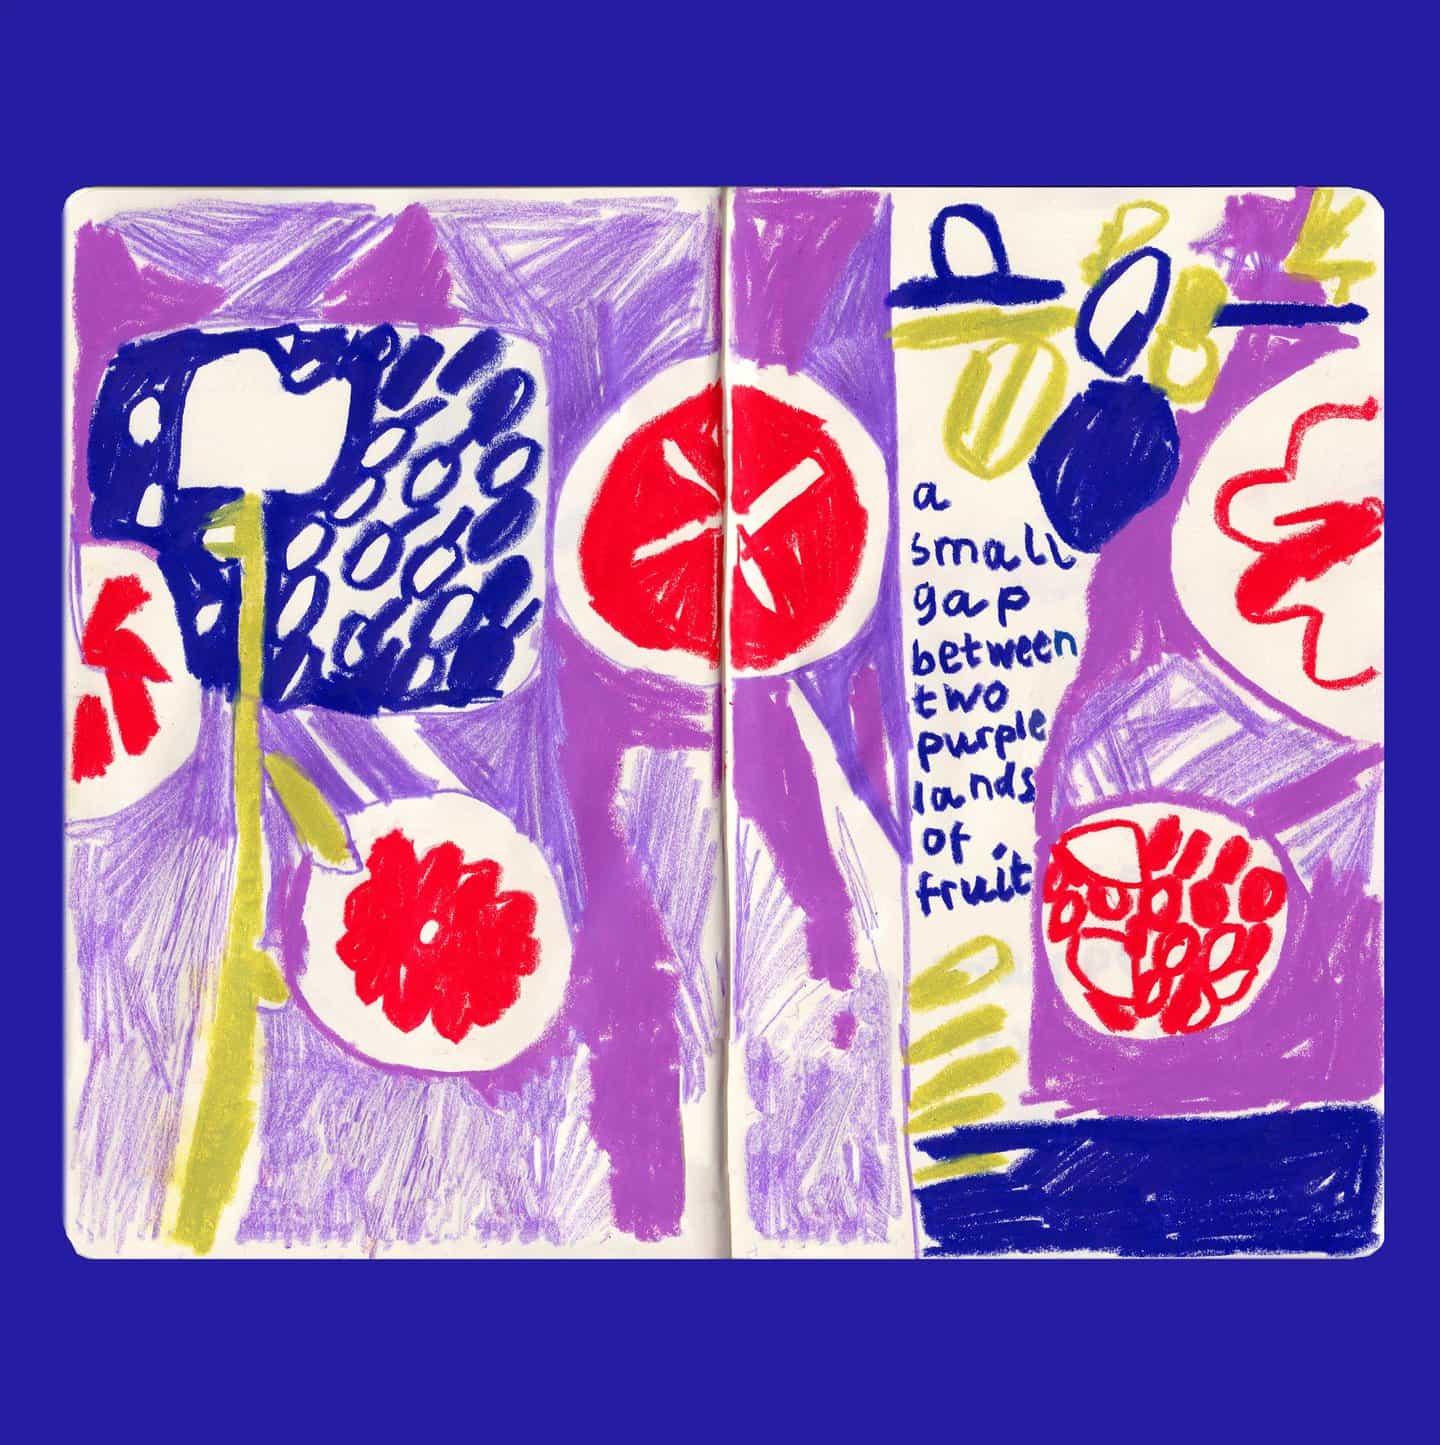 Cara Rooney: Tierras púrpuras, still here still life (Copyright © Cara Rooney, 2020)